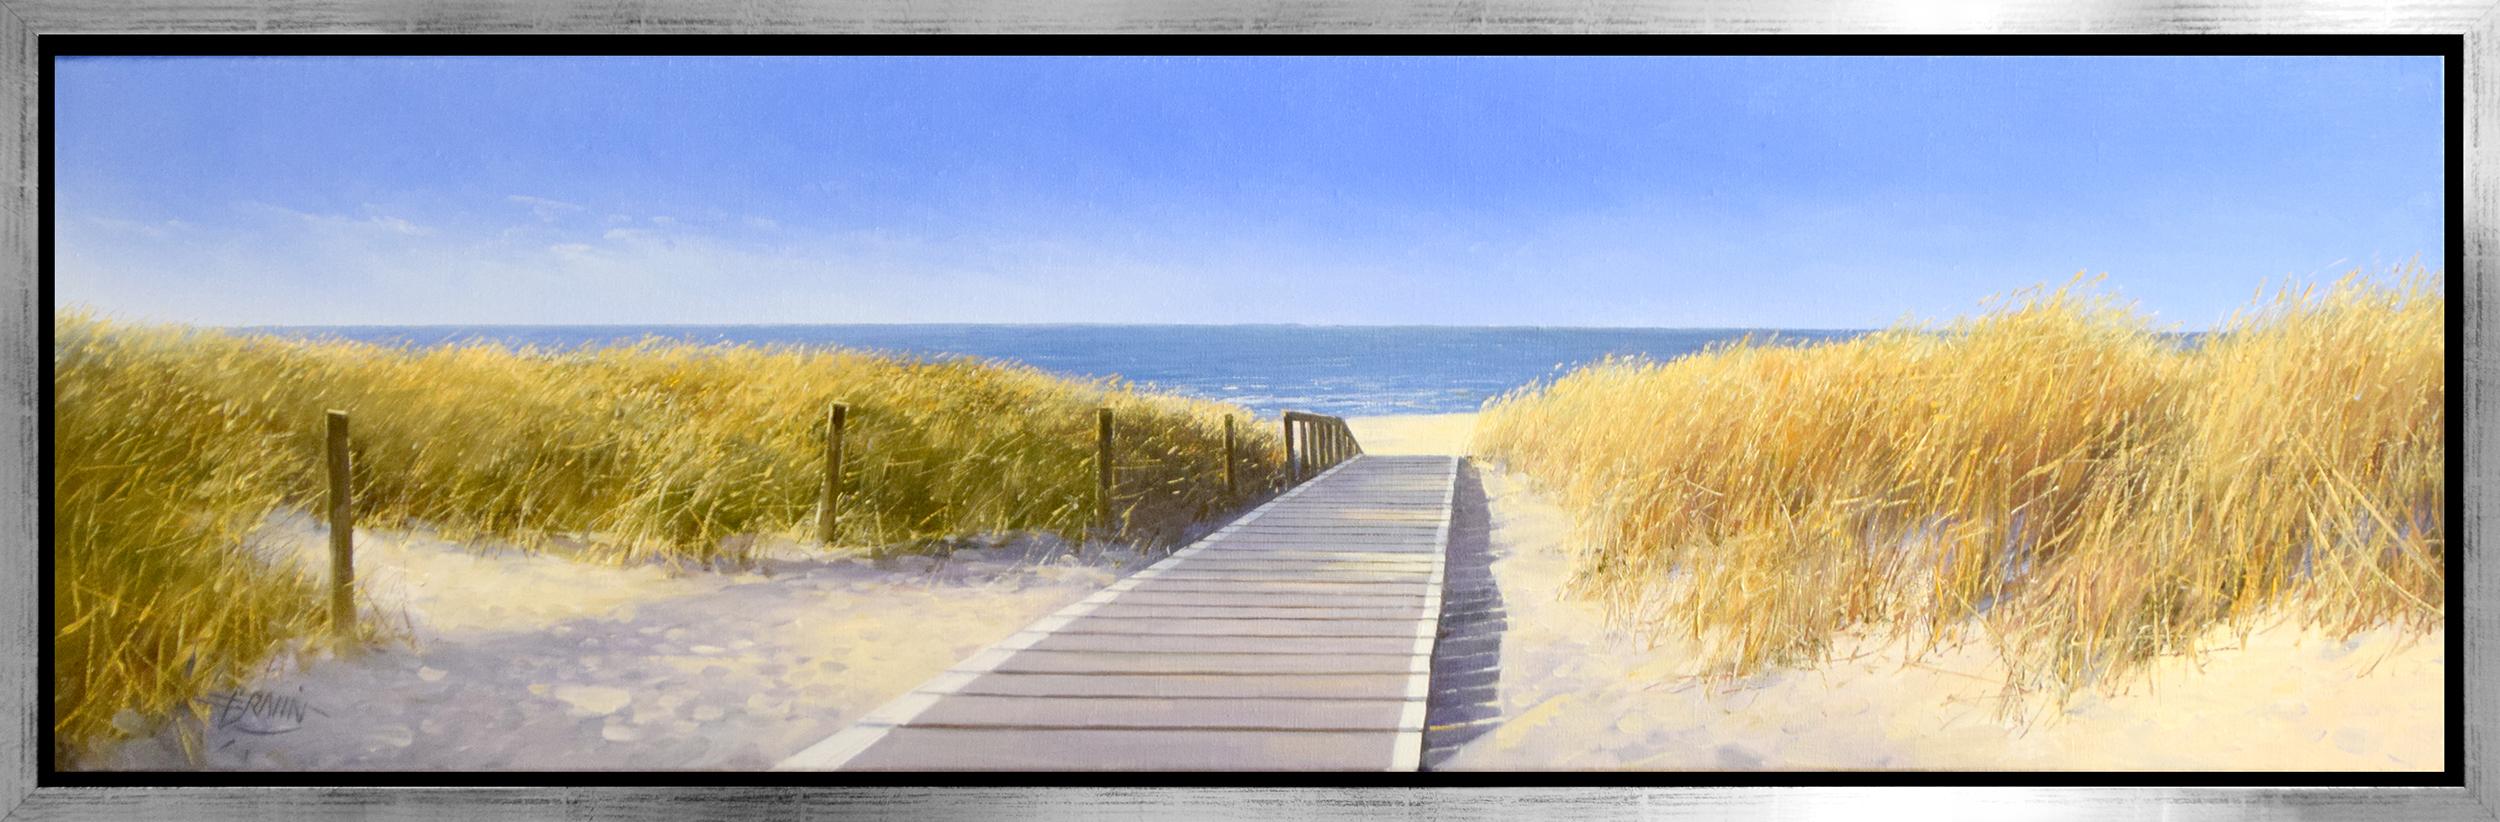 Detlef Rahn - Steg zum Meer, Sylt , 7838-006-067